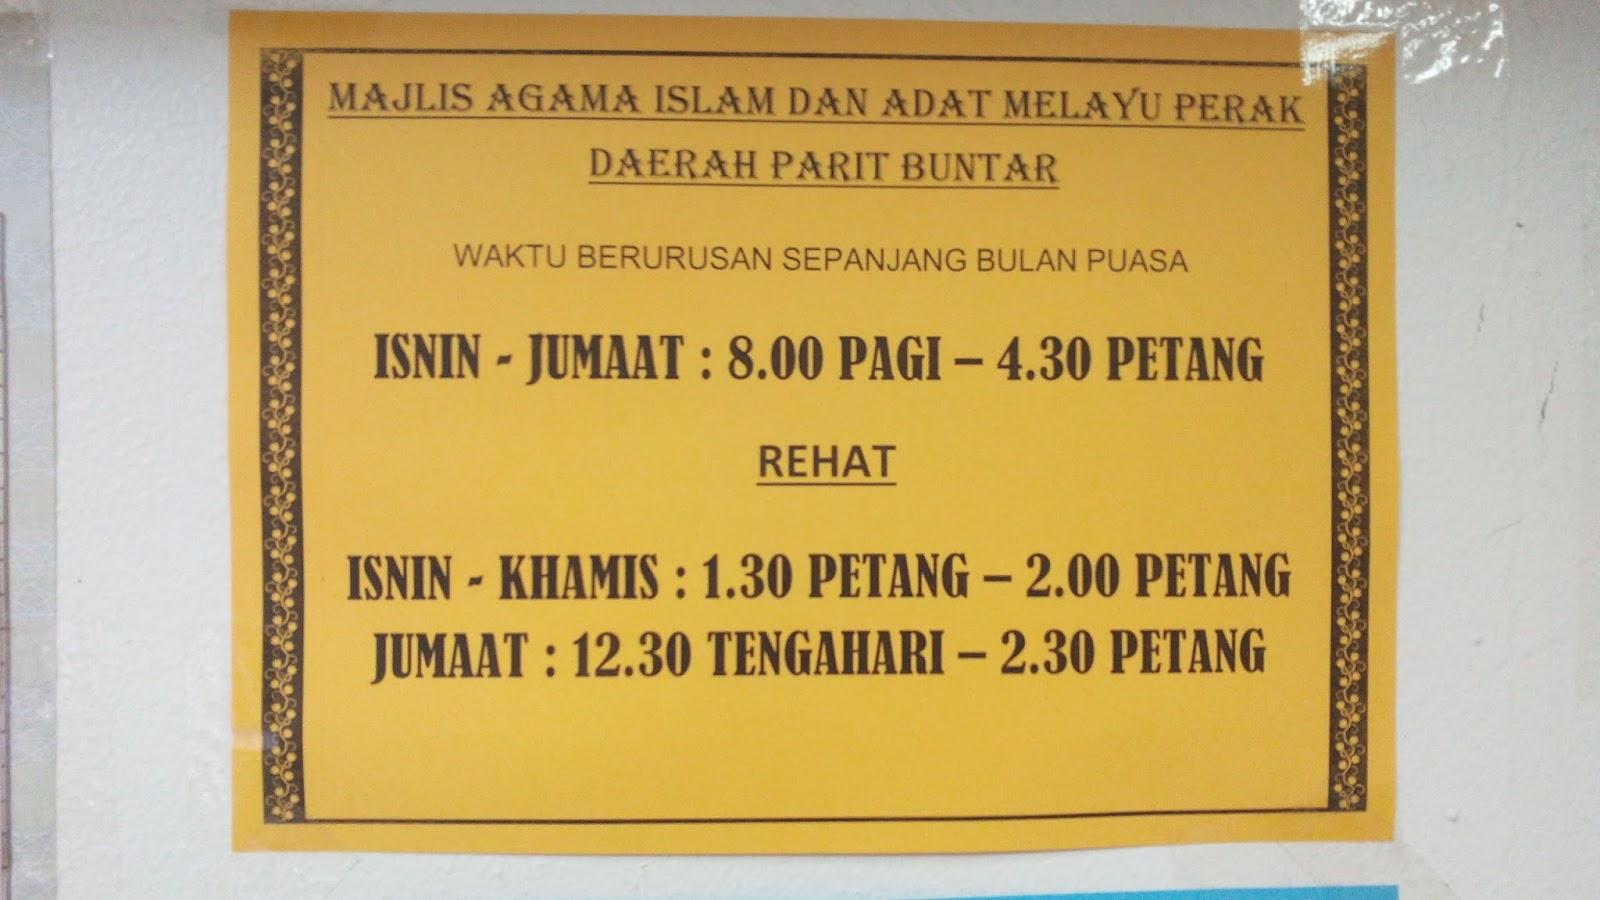 Majlis Agama Islam Dan Adat Melayu Perak Daerah Parit Buntar Jun 2015